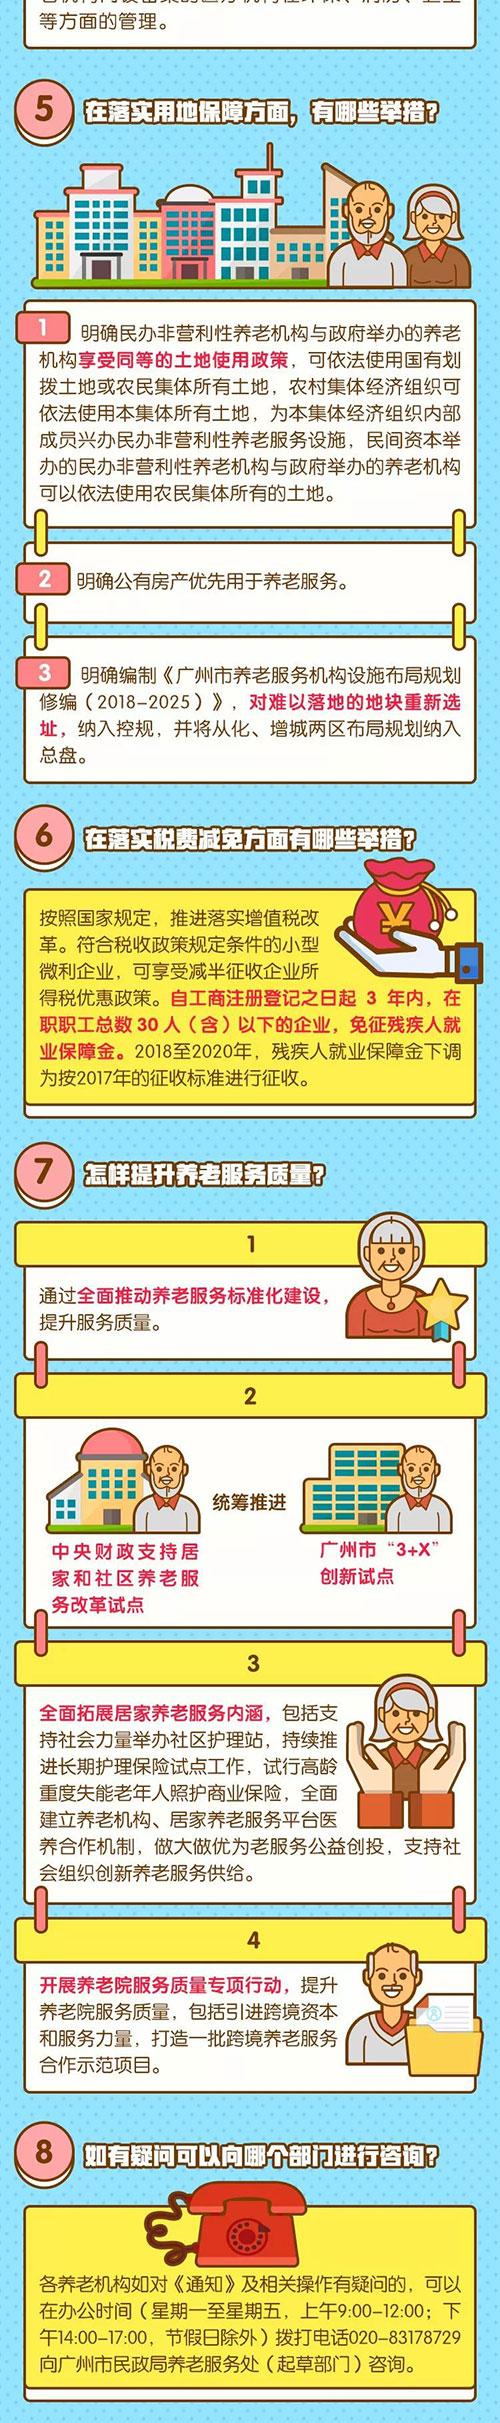 广州全面放开养老服务市场.jpg